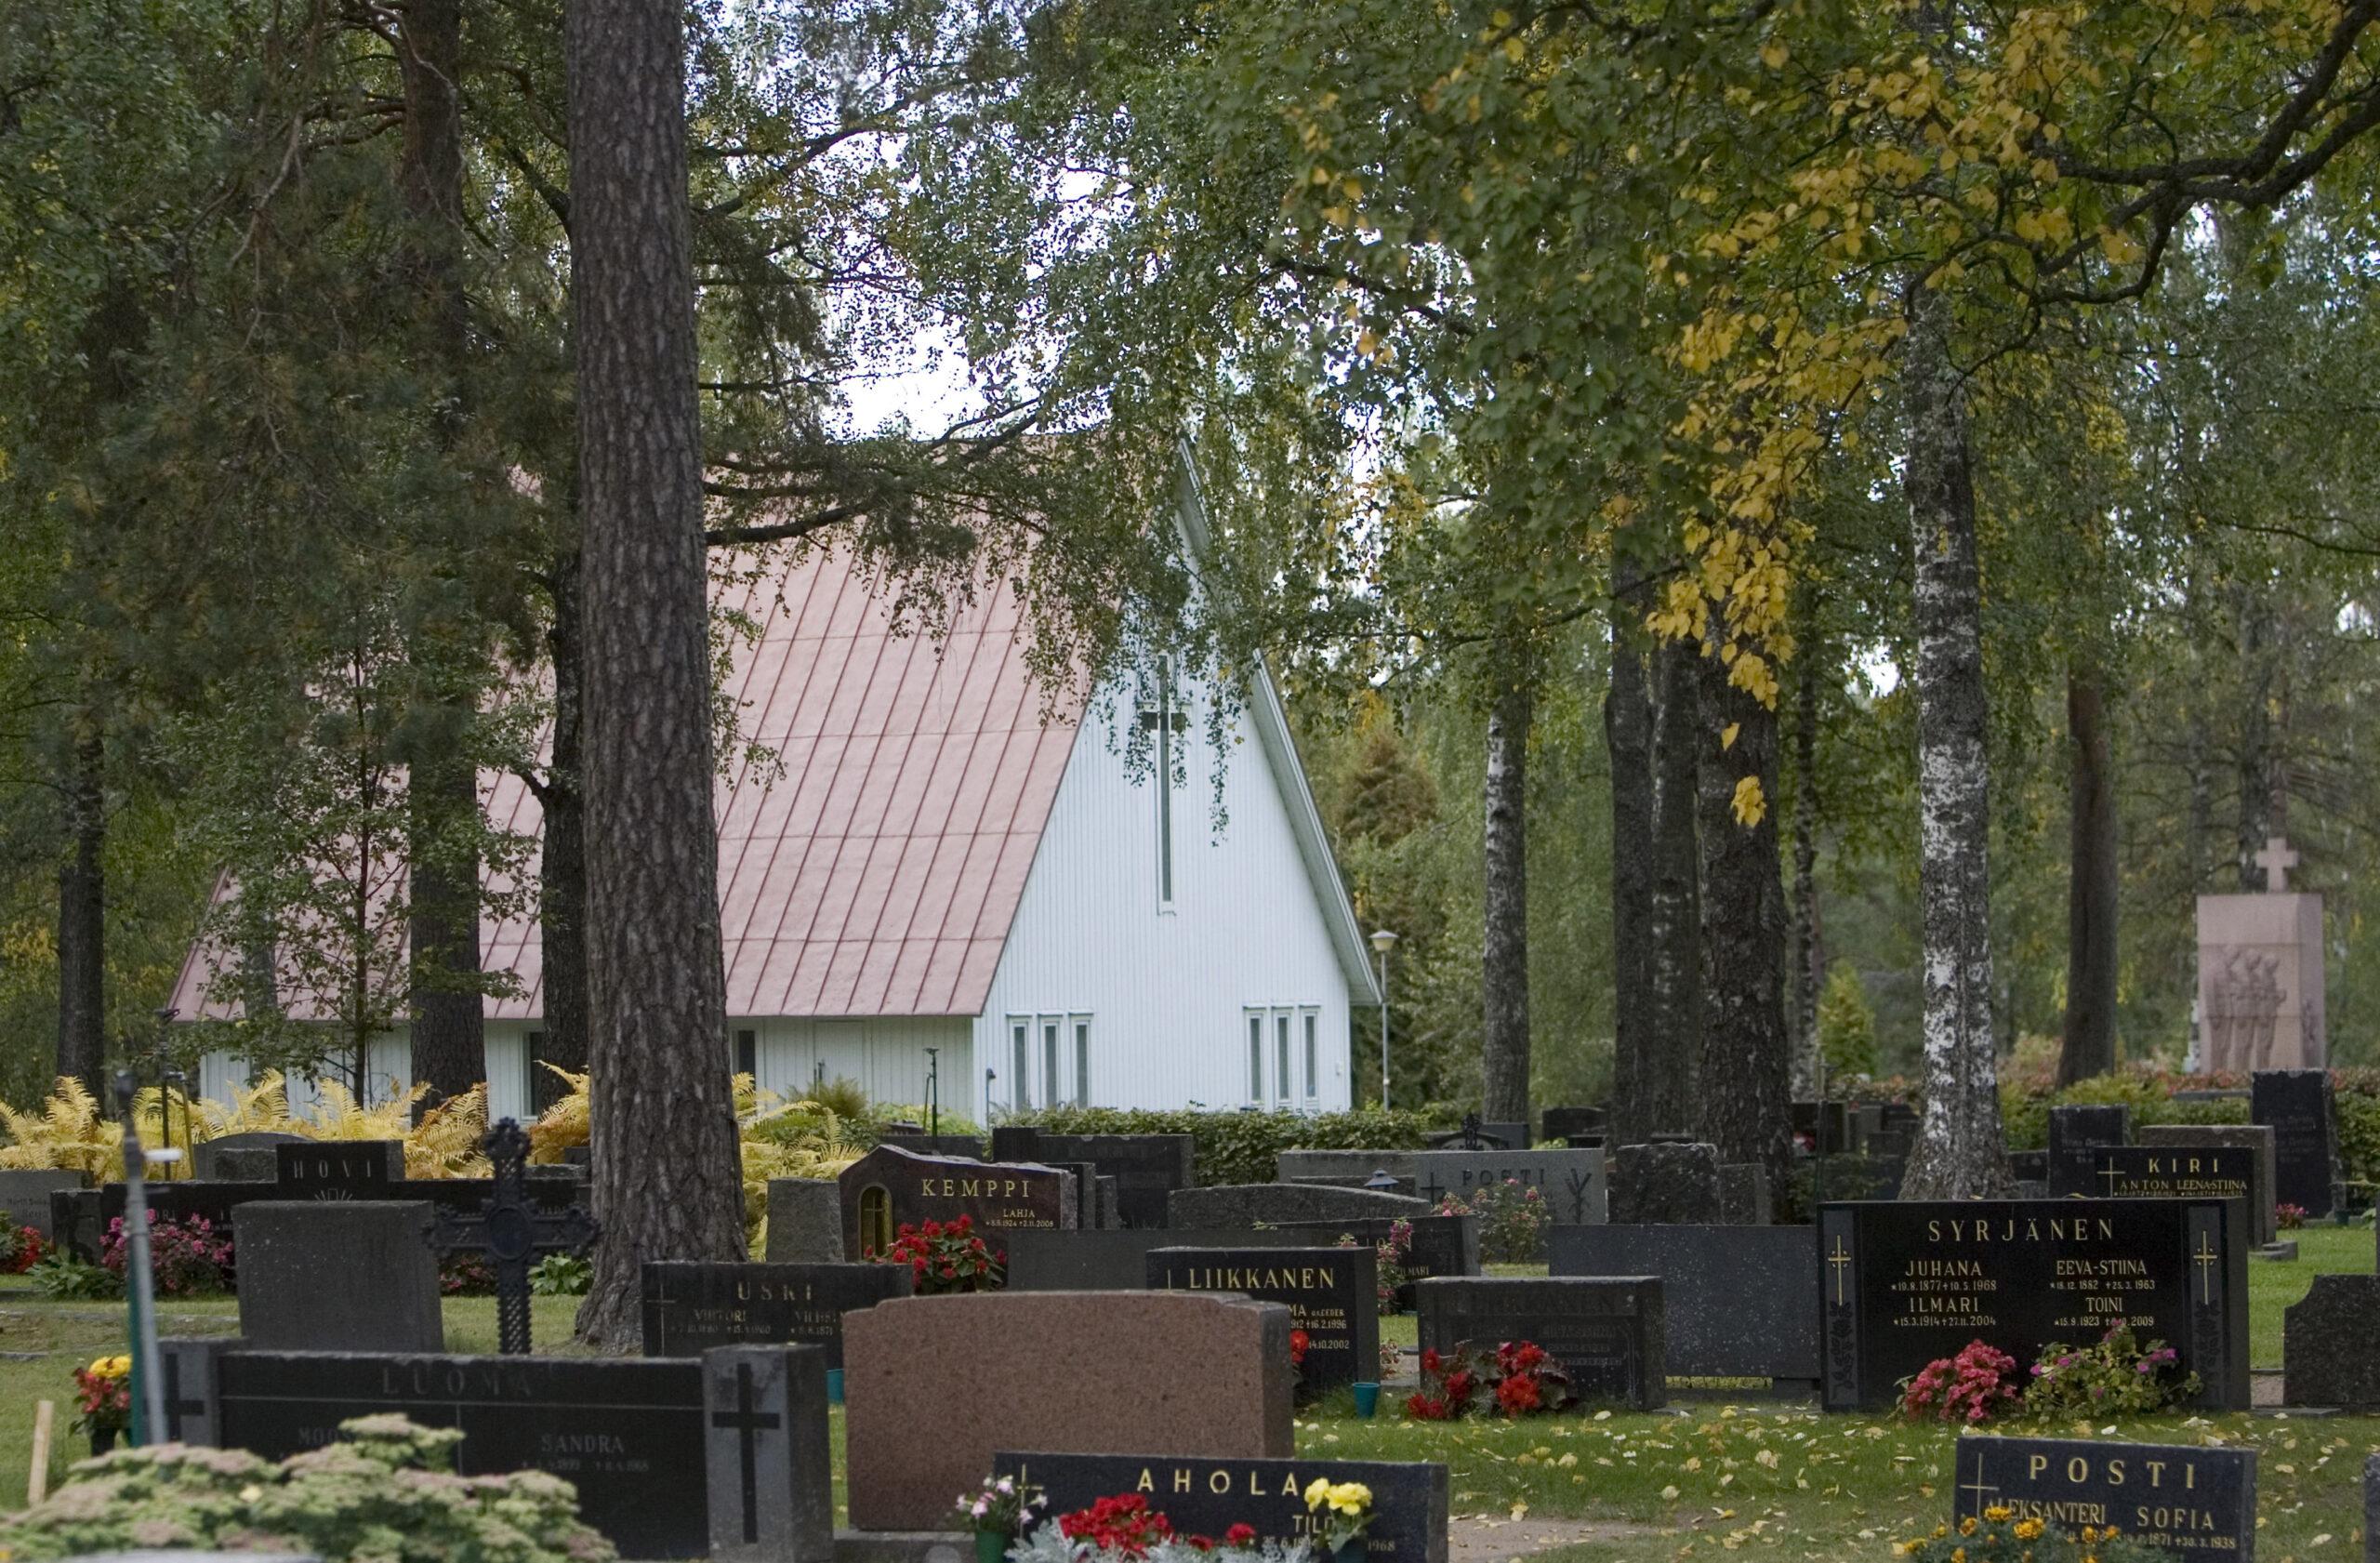 Myllykylän kappeli